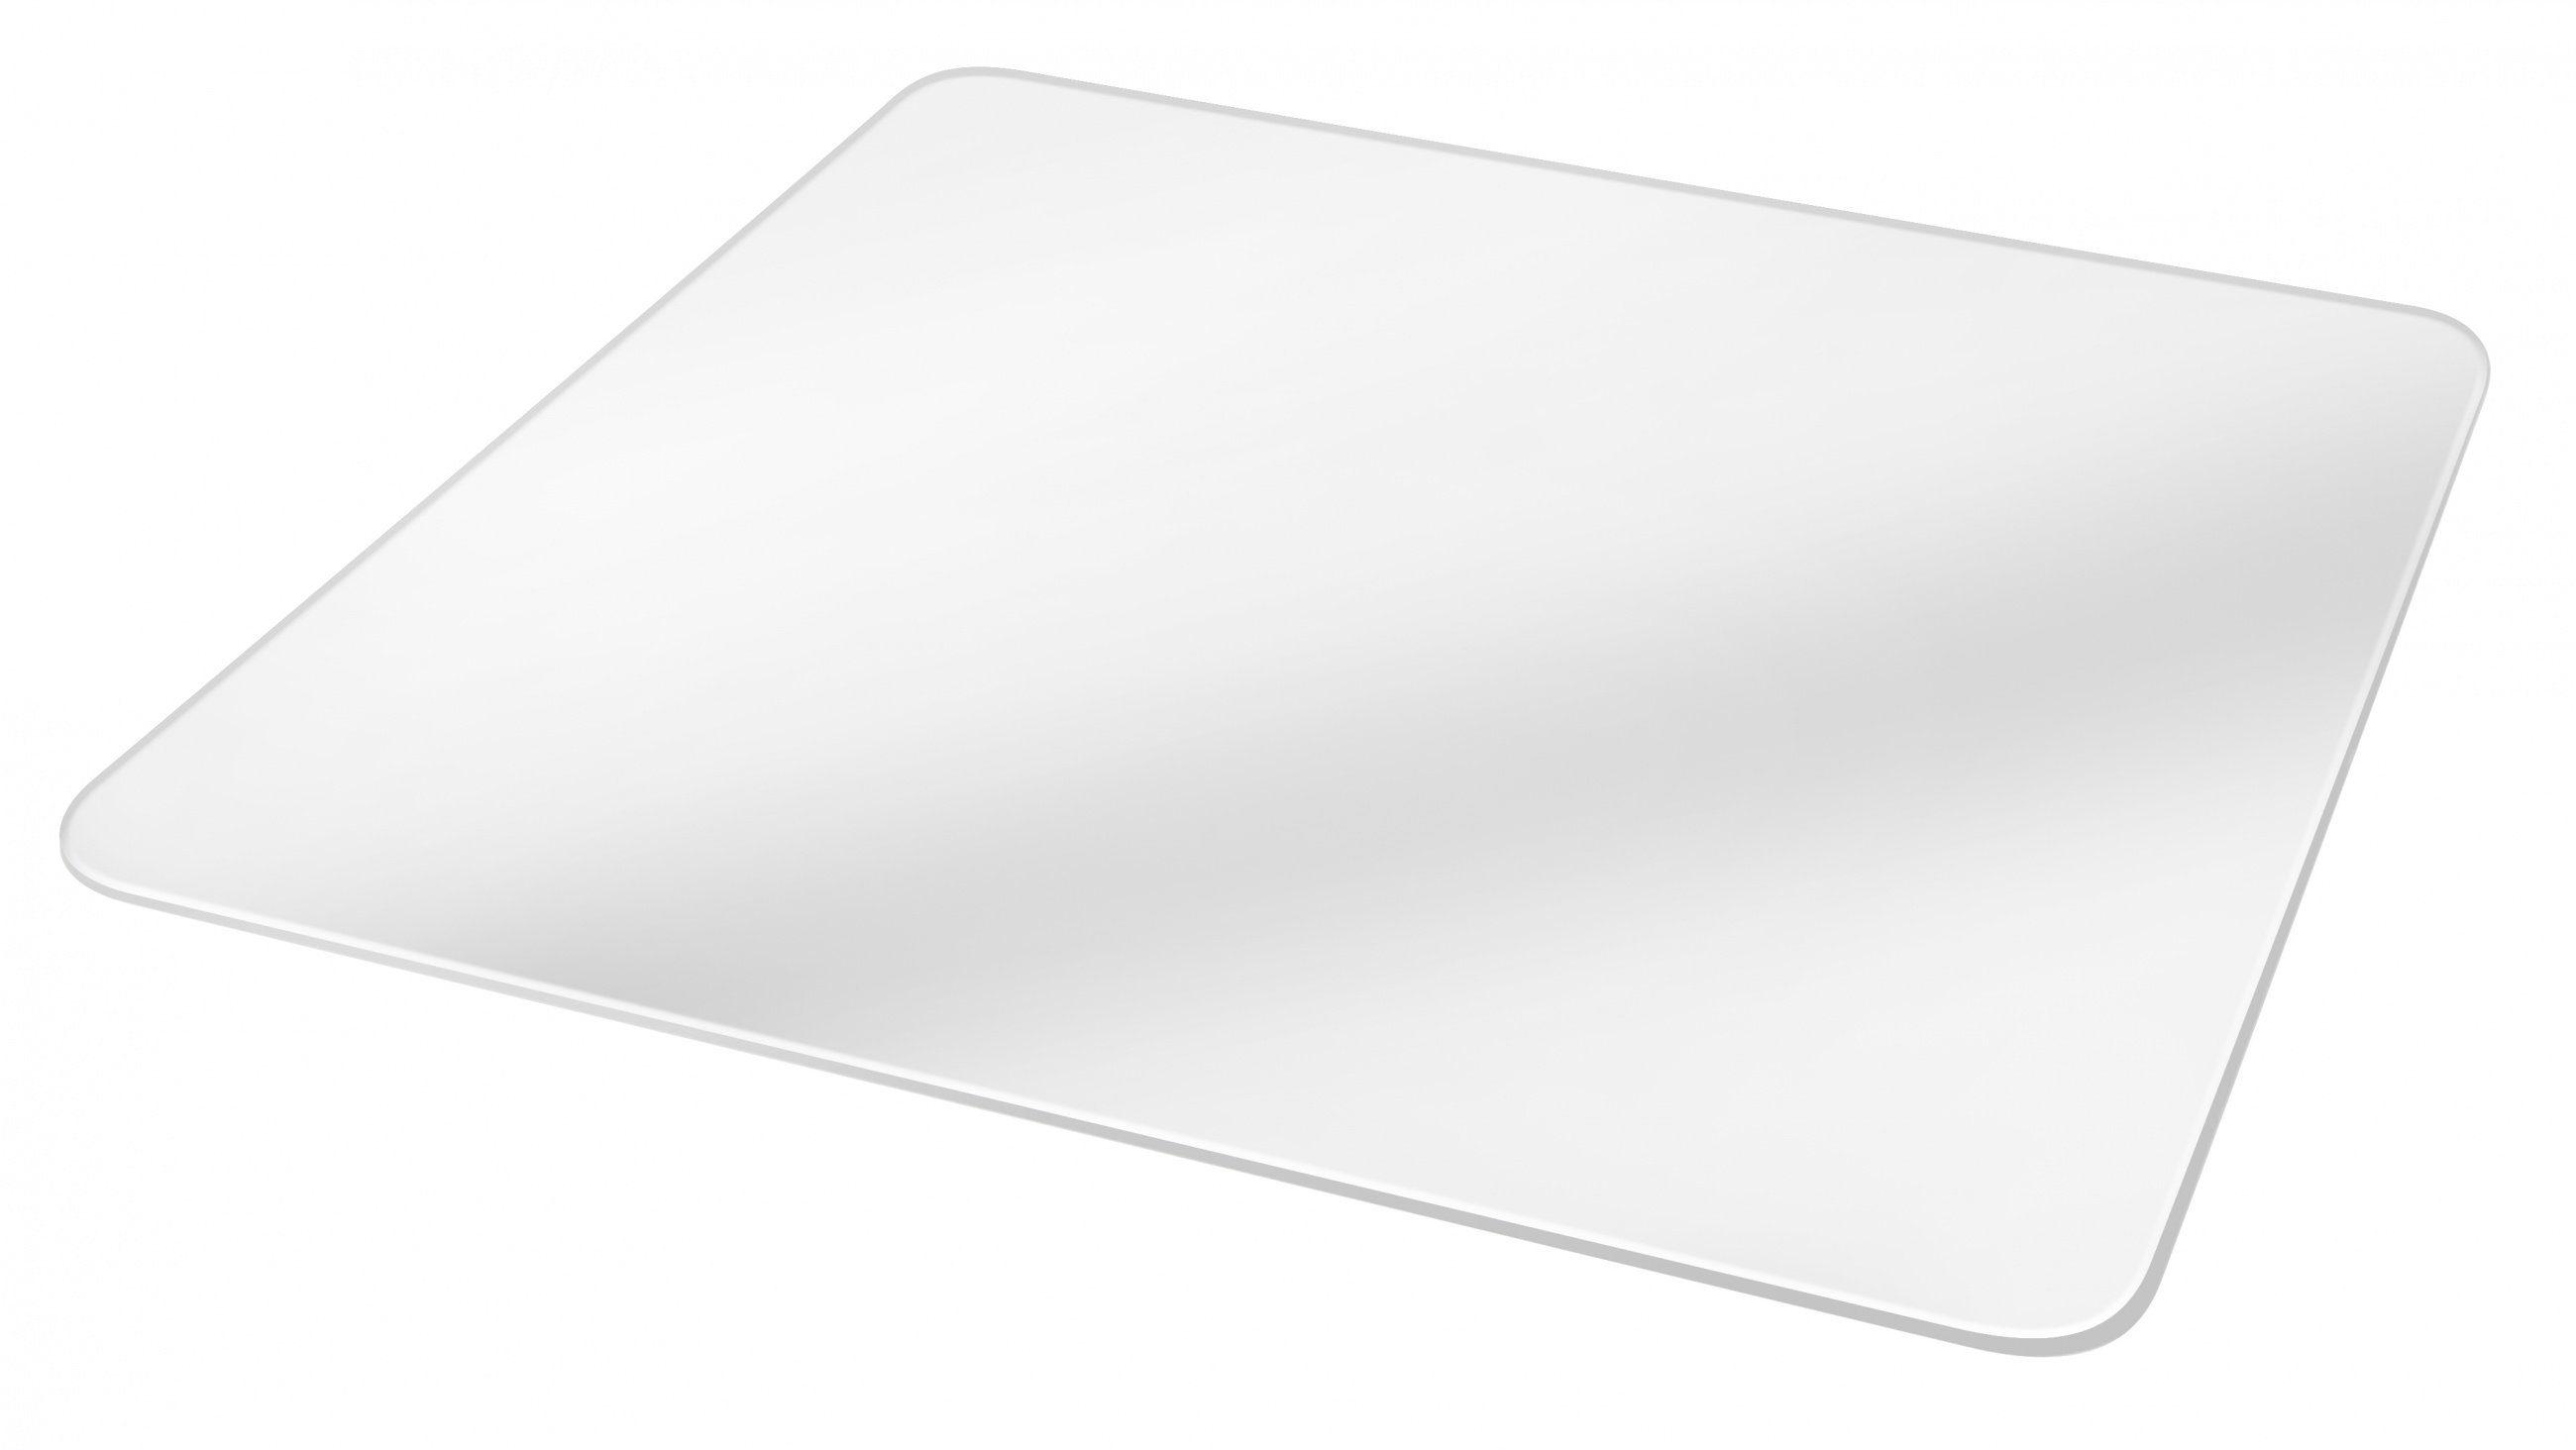 BRESSER Fotostudio »BRESSER BR-AP1 Acrylplatte 50x50cm weiß«